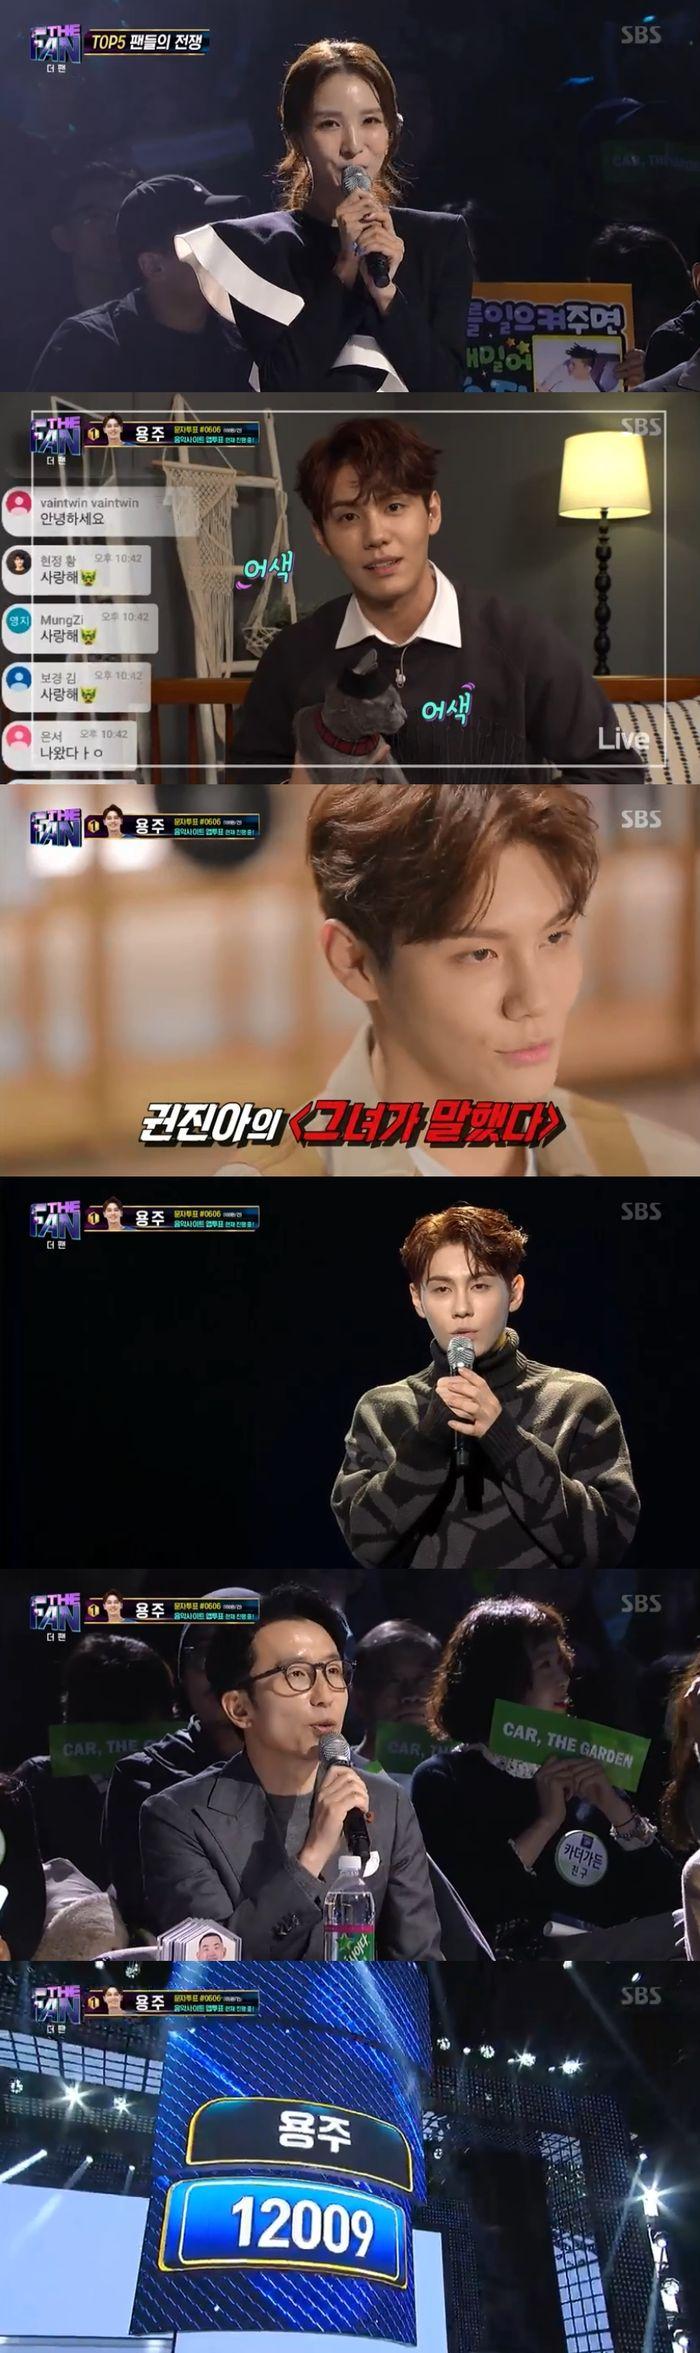 """'더팬' 유희열, 용주 무대에 """"완성형 가수다""""…용주, 12009점 획득"""